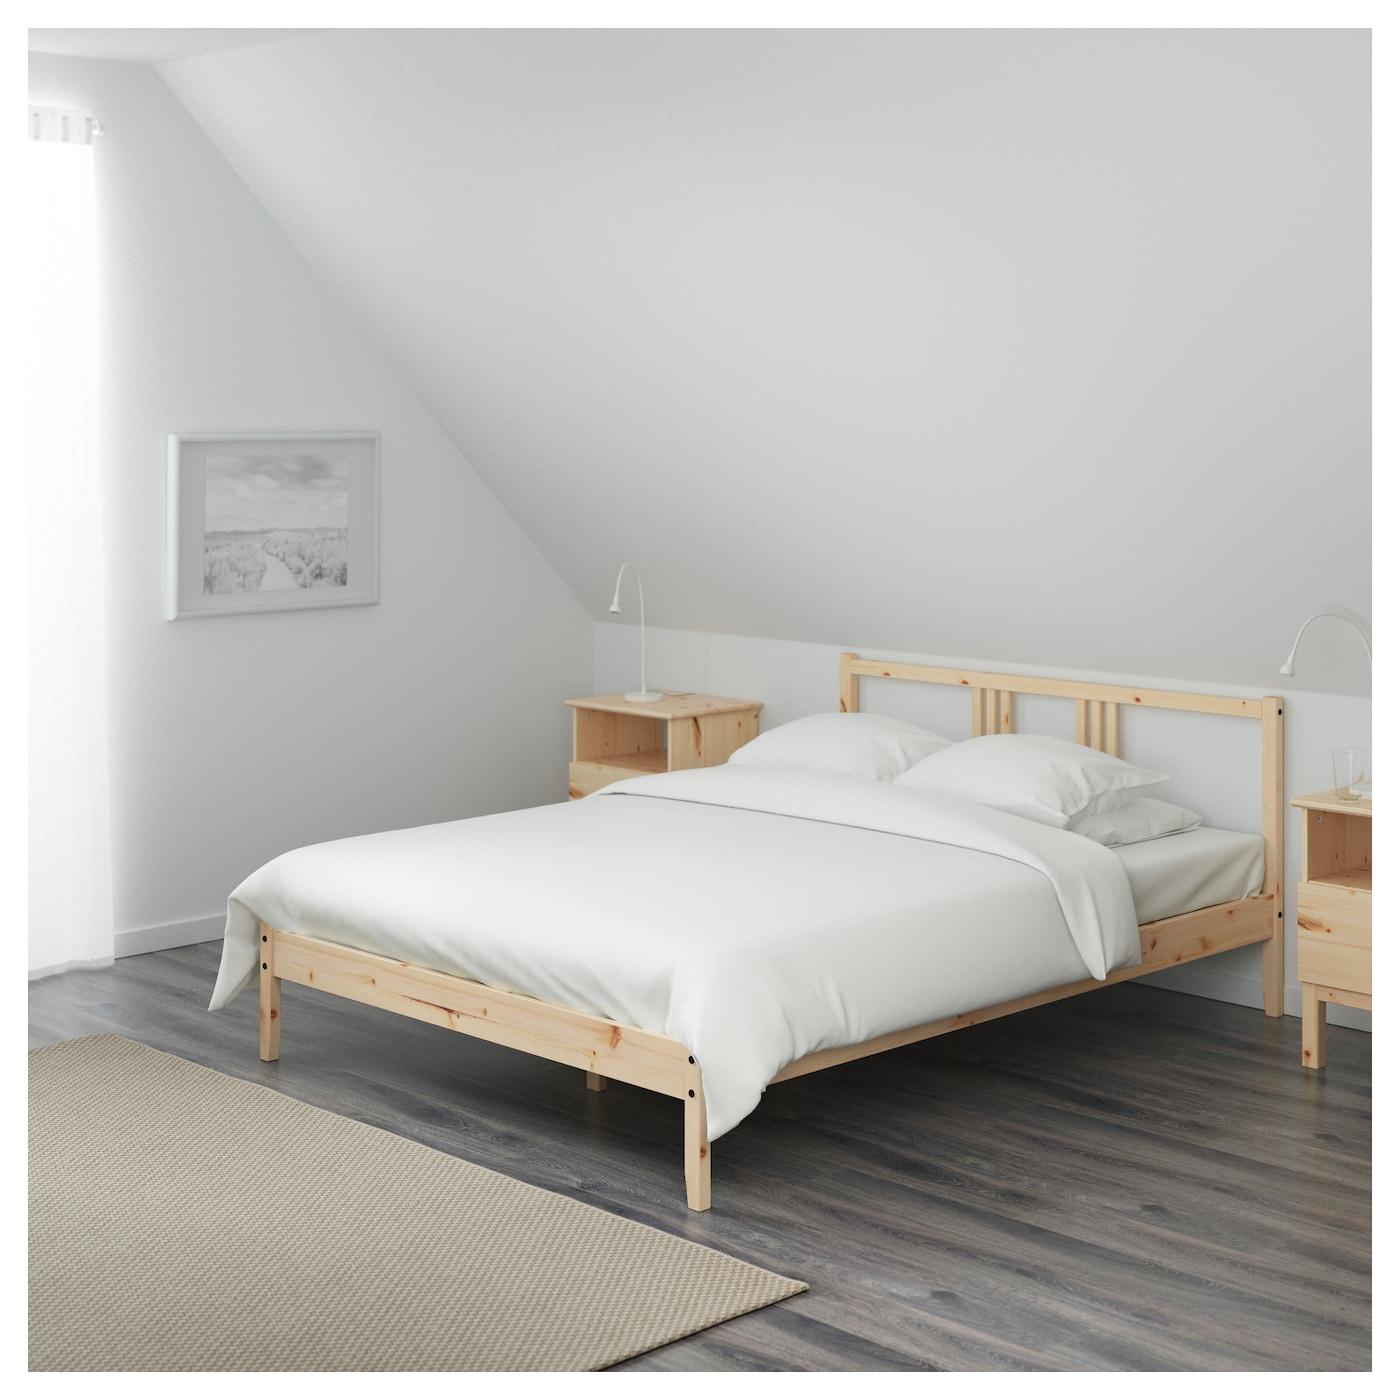 Fjellse cadre de lit pin 140x200 cm ikea for Ikea critique de lit de stockage de malm